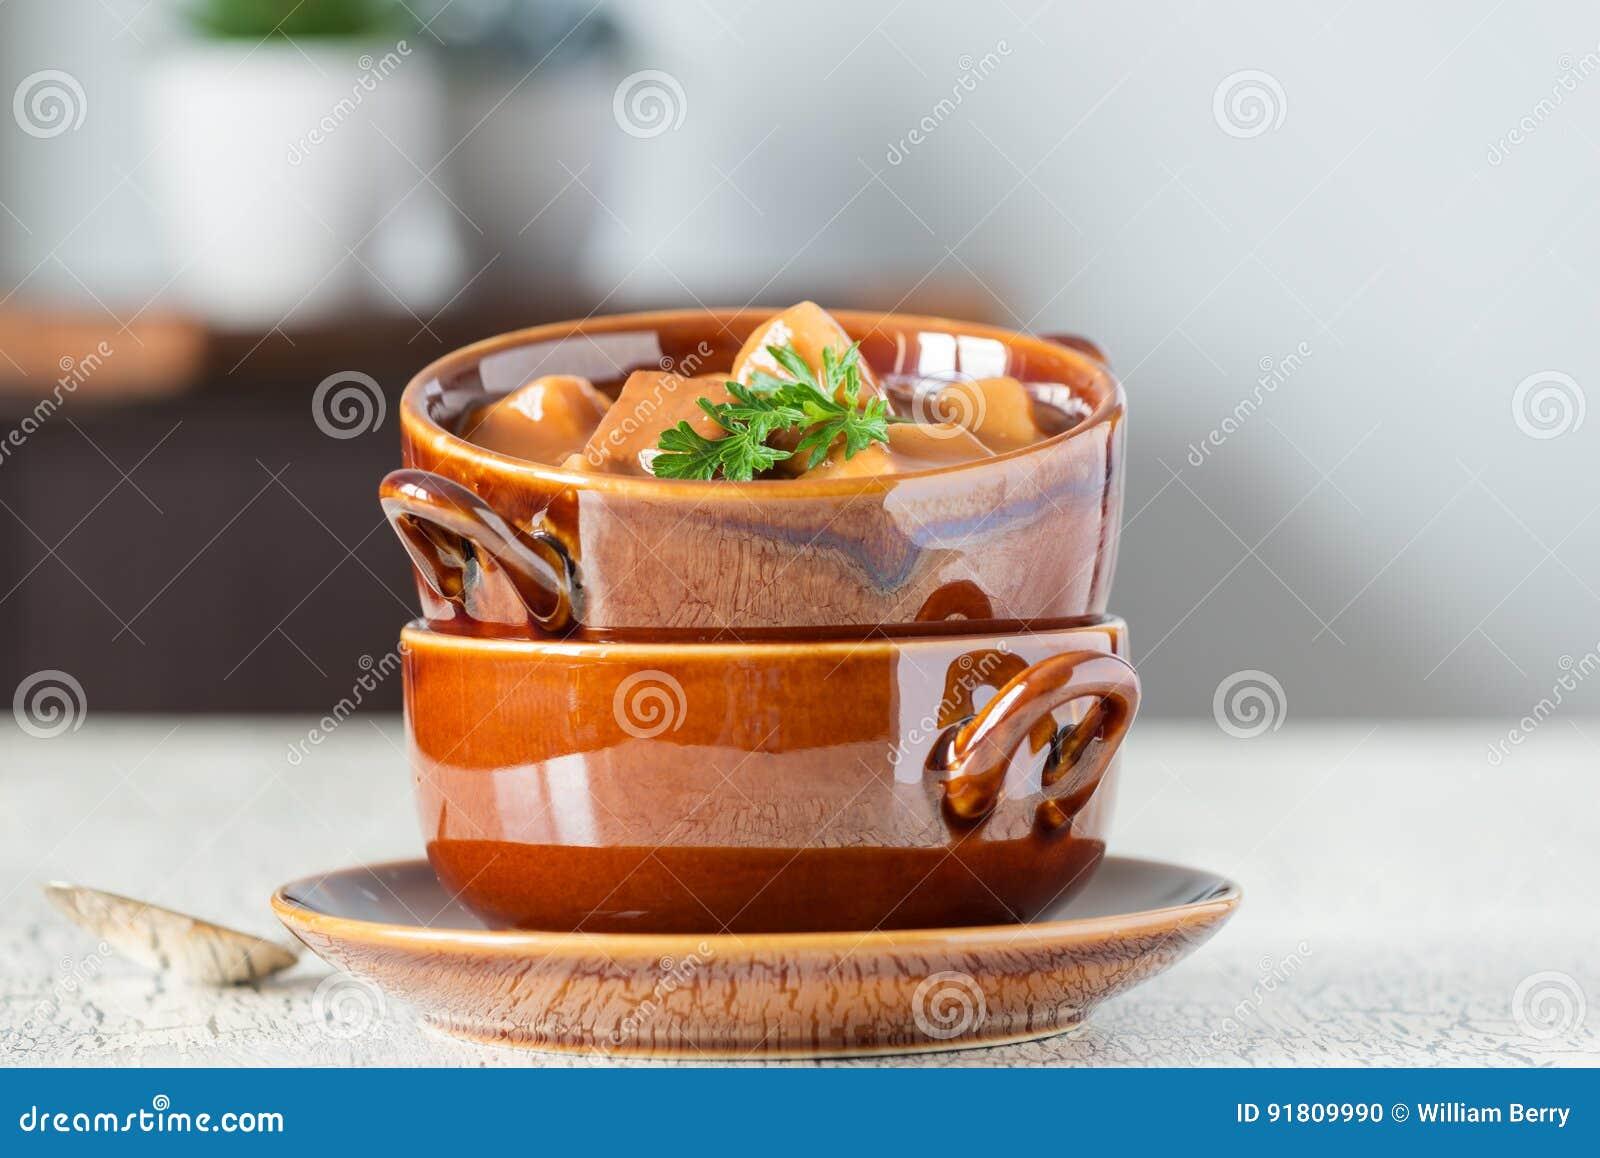 Bife de pimenta e sopa de batata